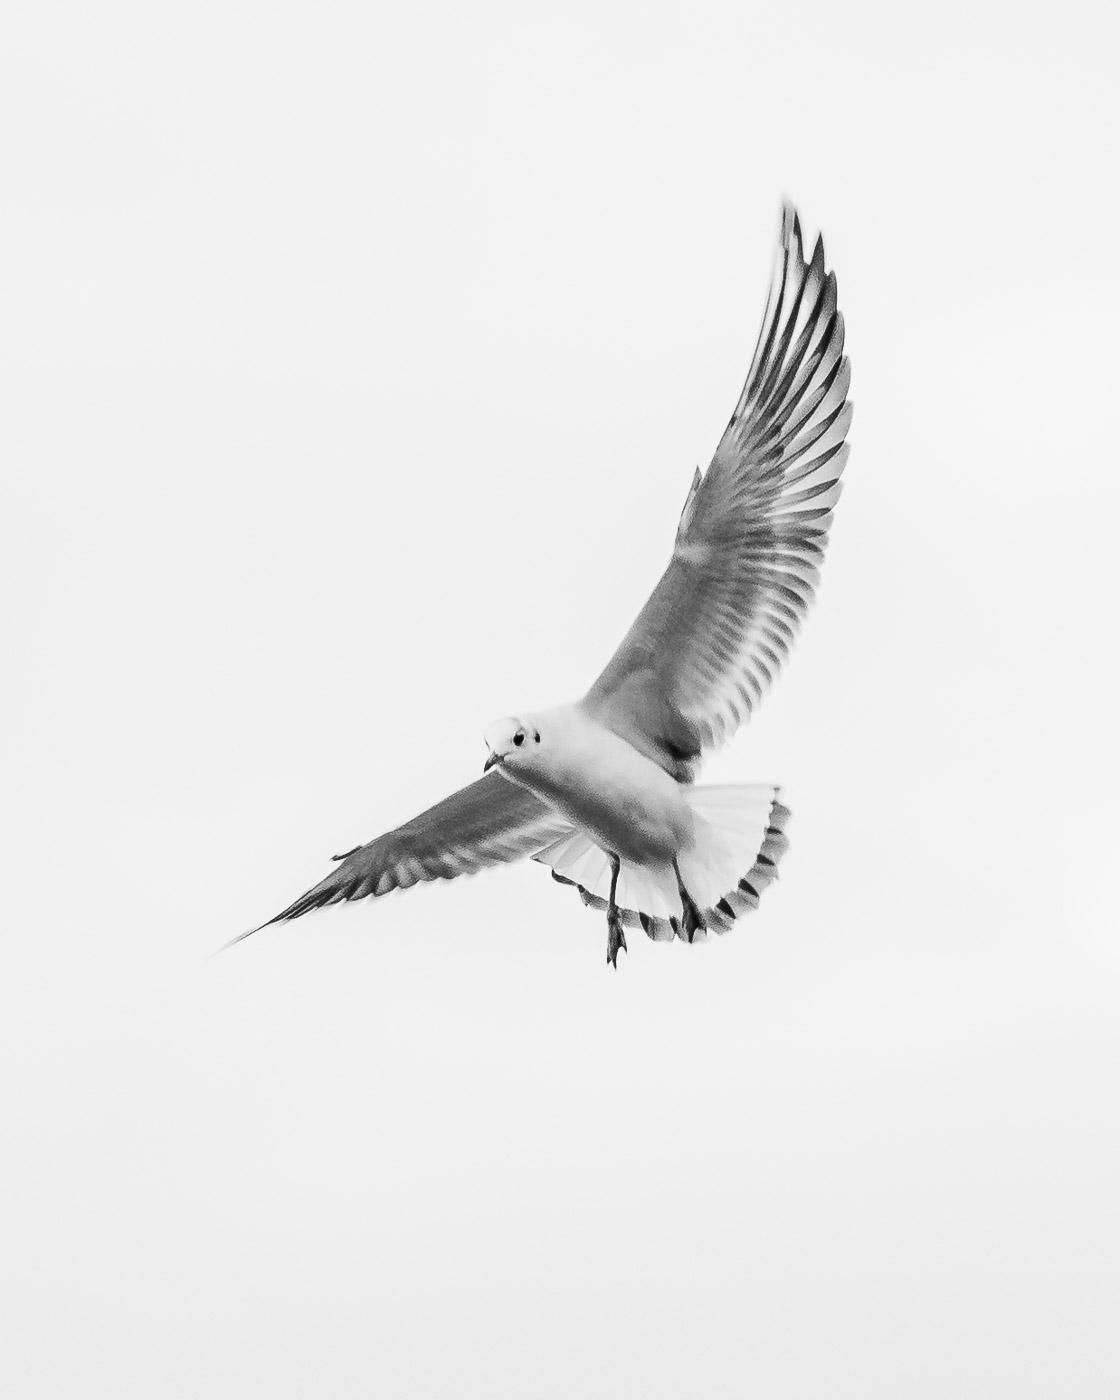 ZIBART.DE - animal - lowq - 2018.01.07 - 07394.JPG